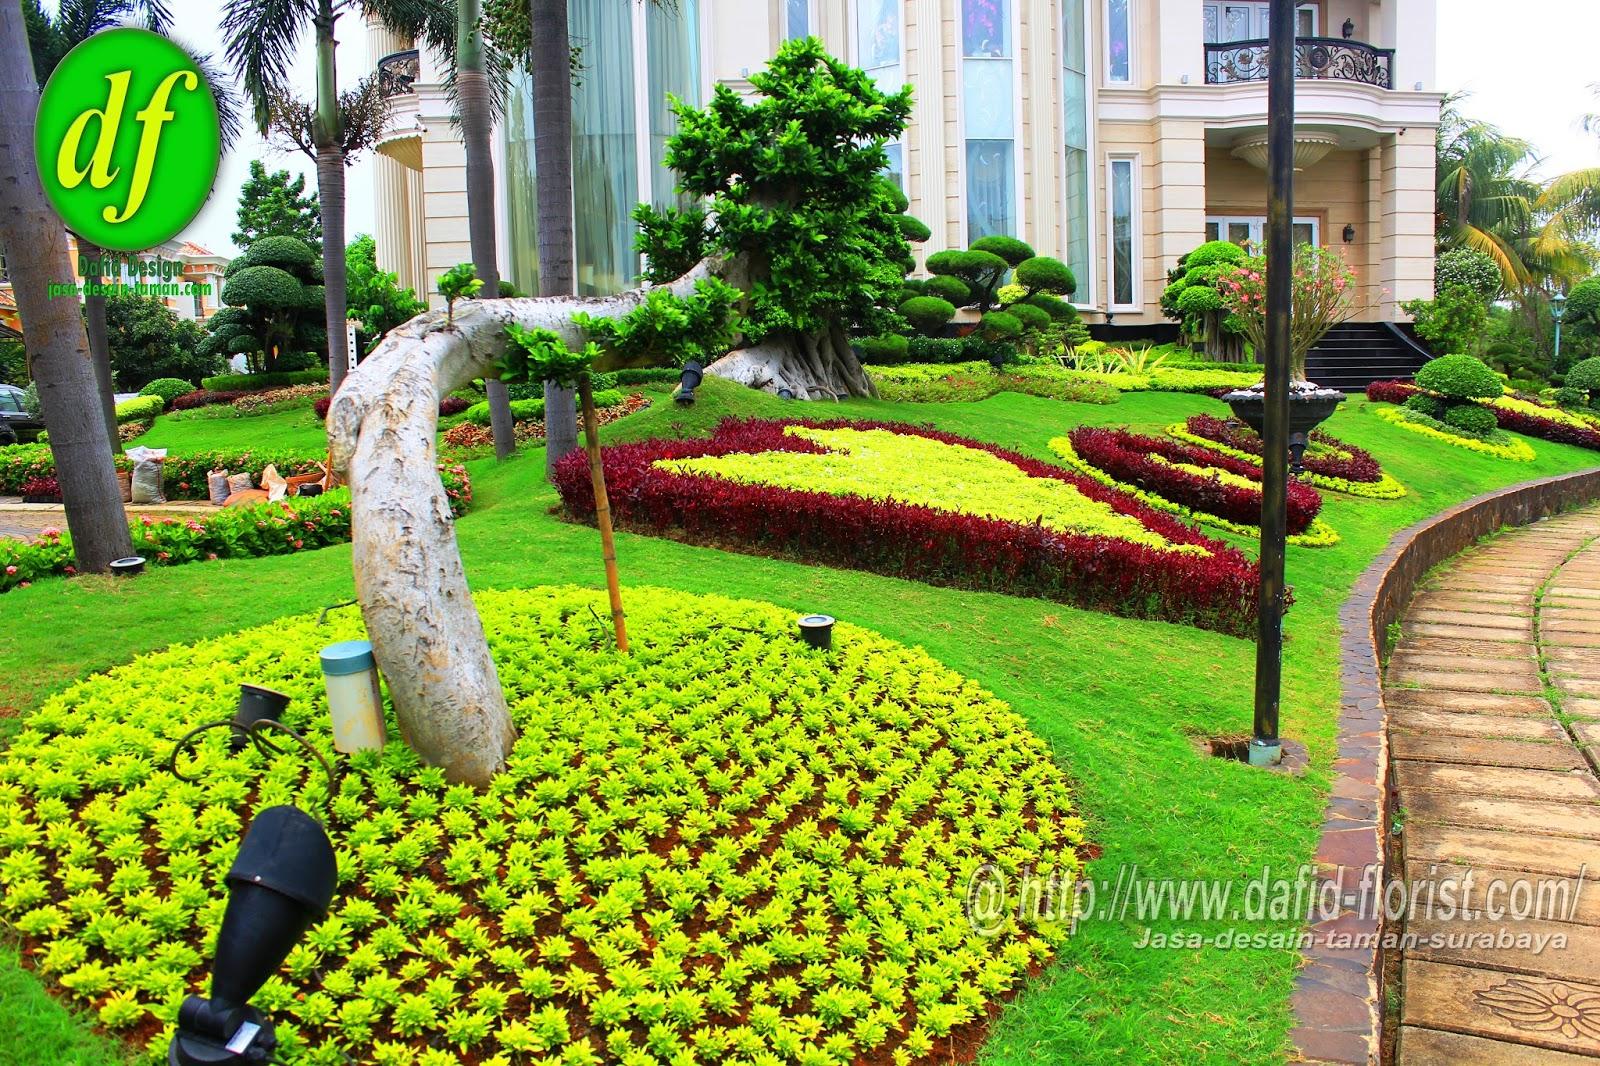 Tukang Taman Surabaya Jasa Pembuatan Dafid Florist Sebagai Mitra Pengembang